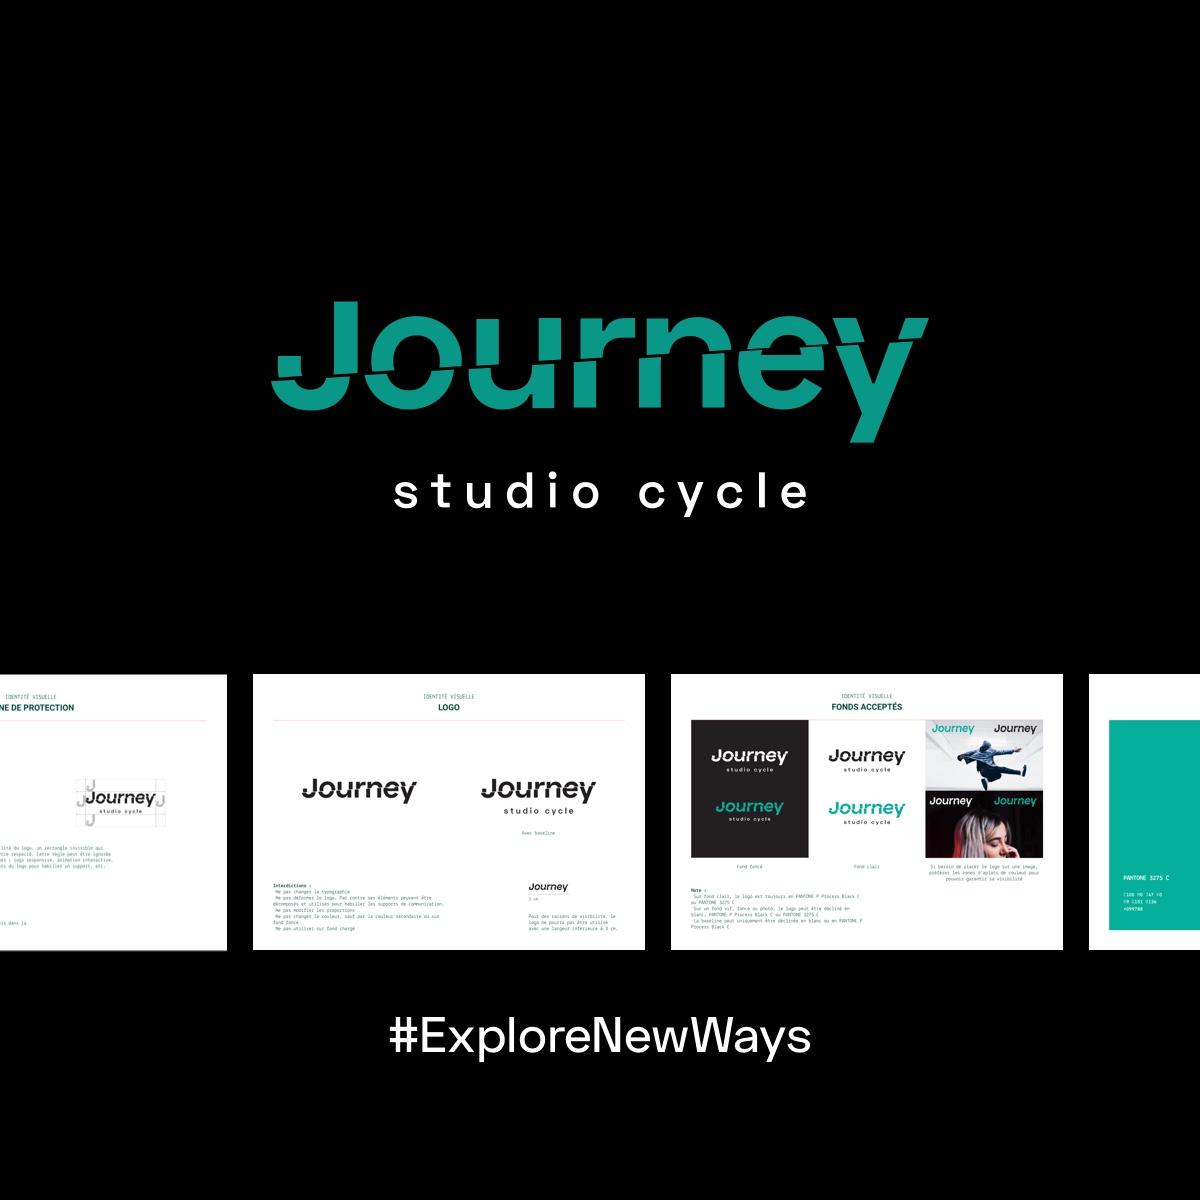 Extrait du brandbook créé pour l'identité visuelle de Journey